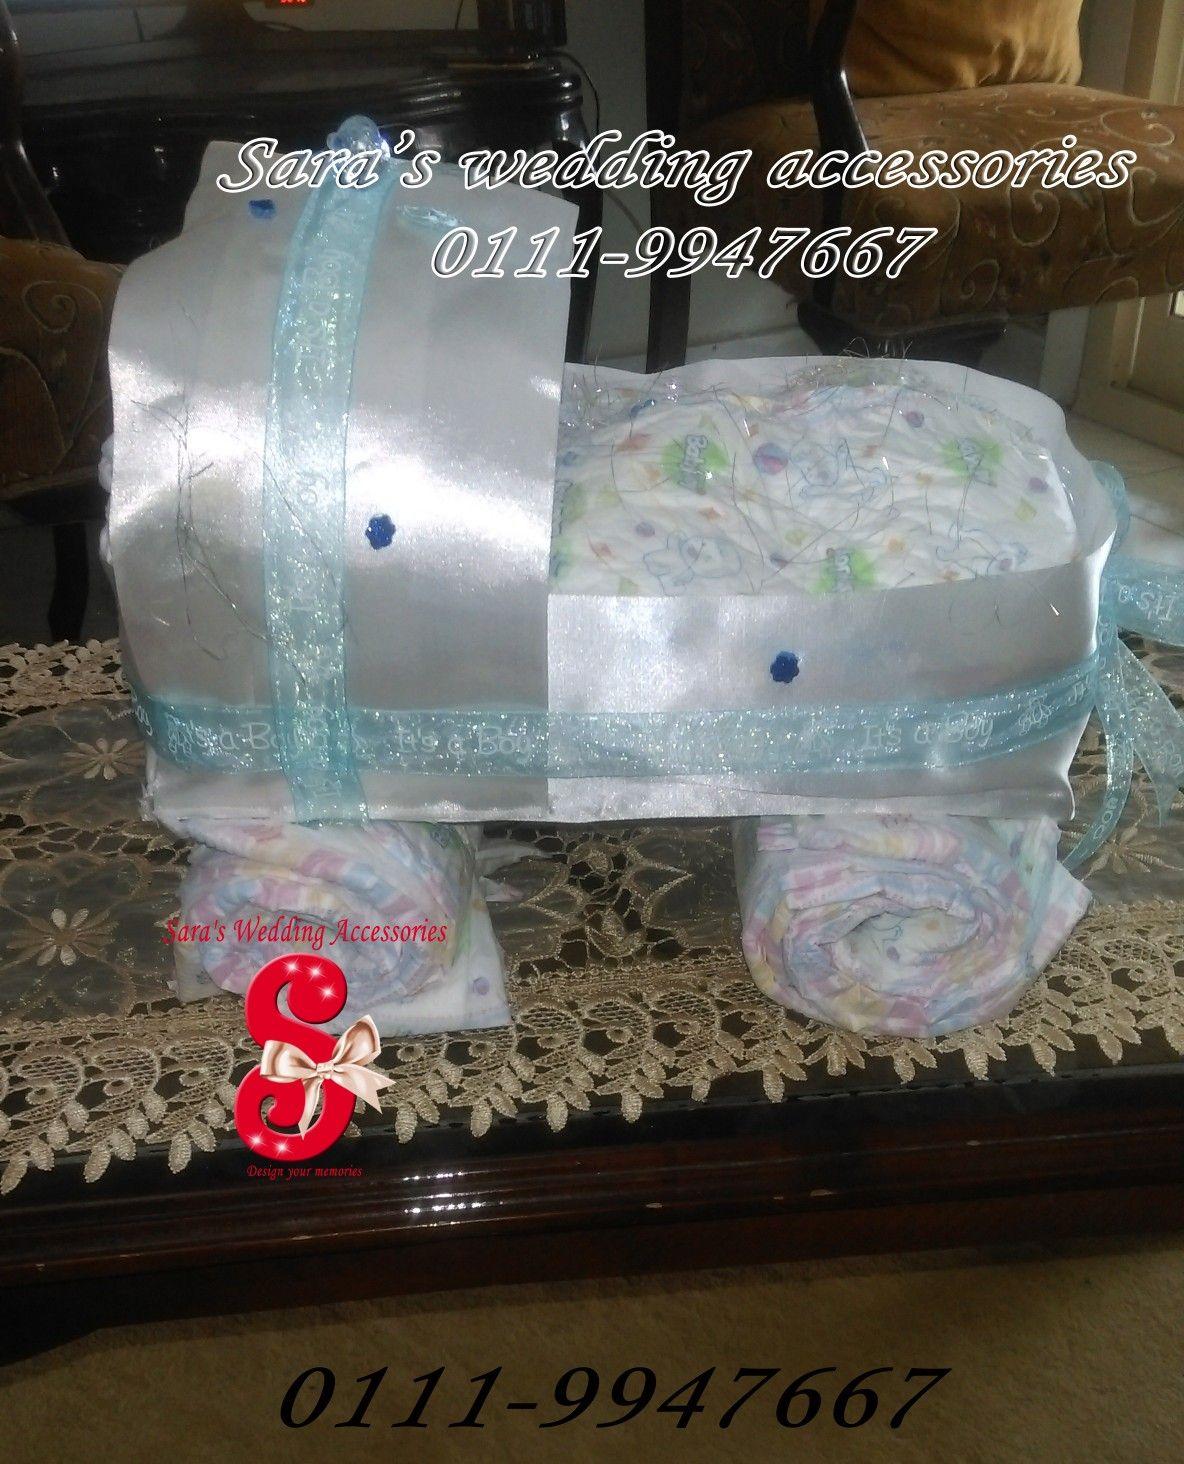 عربية بامبرز هدية سبوع بيبي ولد Gift For Boy Baby Shower سبوع عقيقة بامبرز هدية مولود بيبي فن Baby B Wedding Accessories Baby Shower Shower